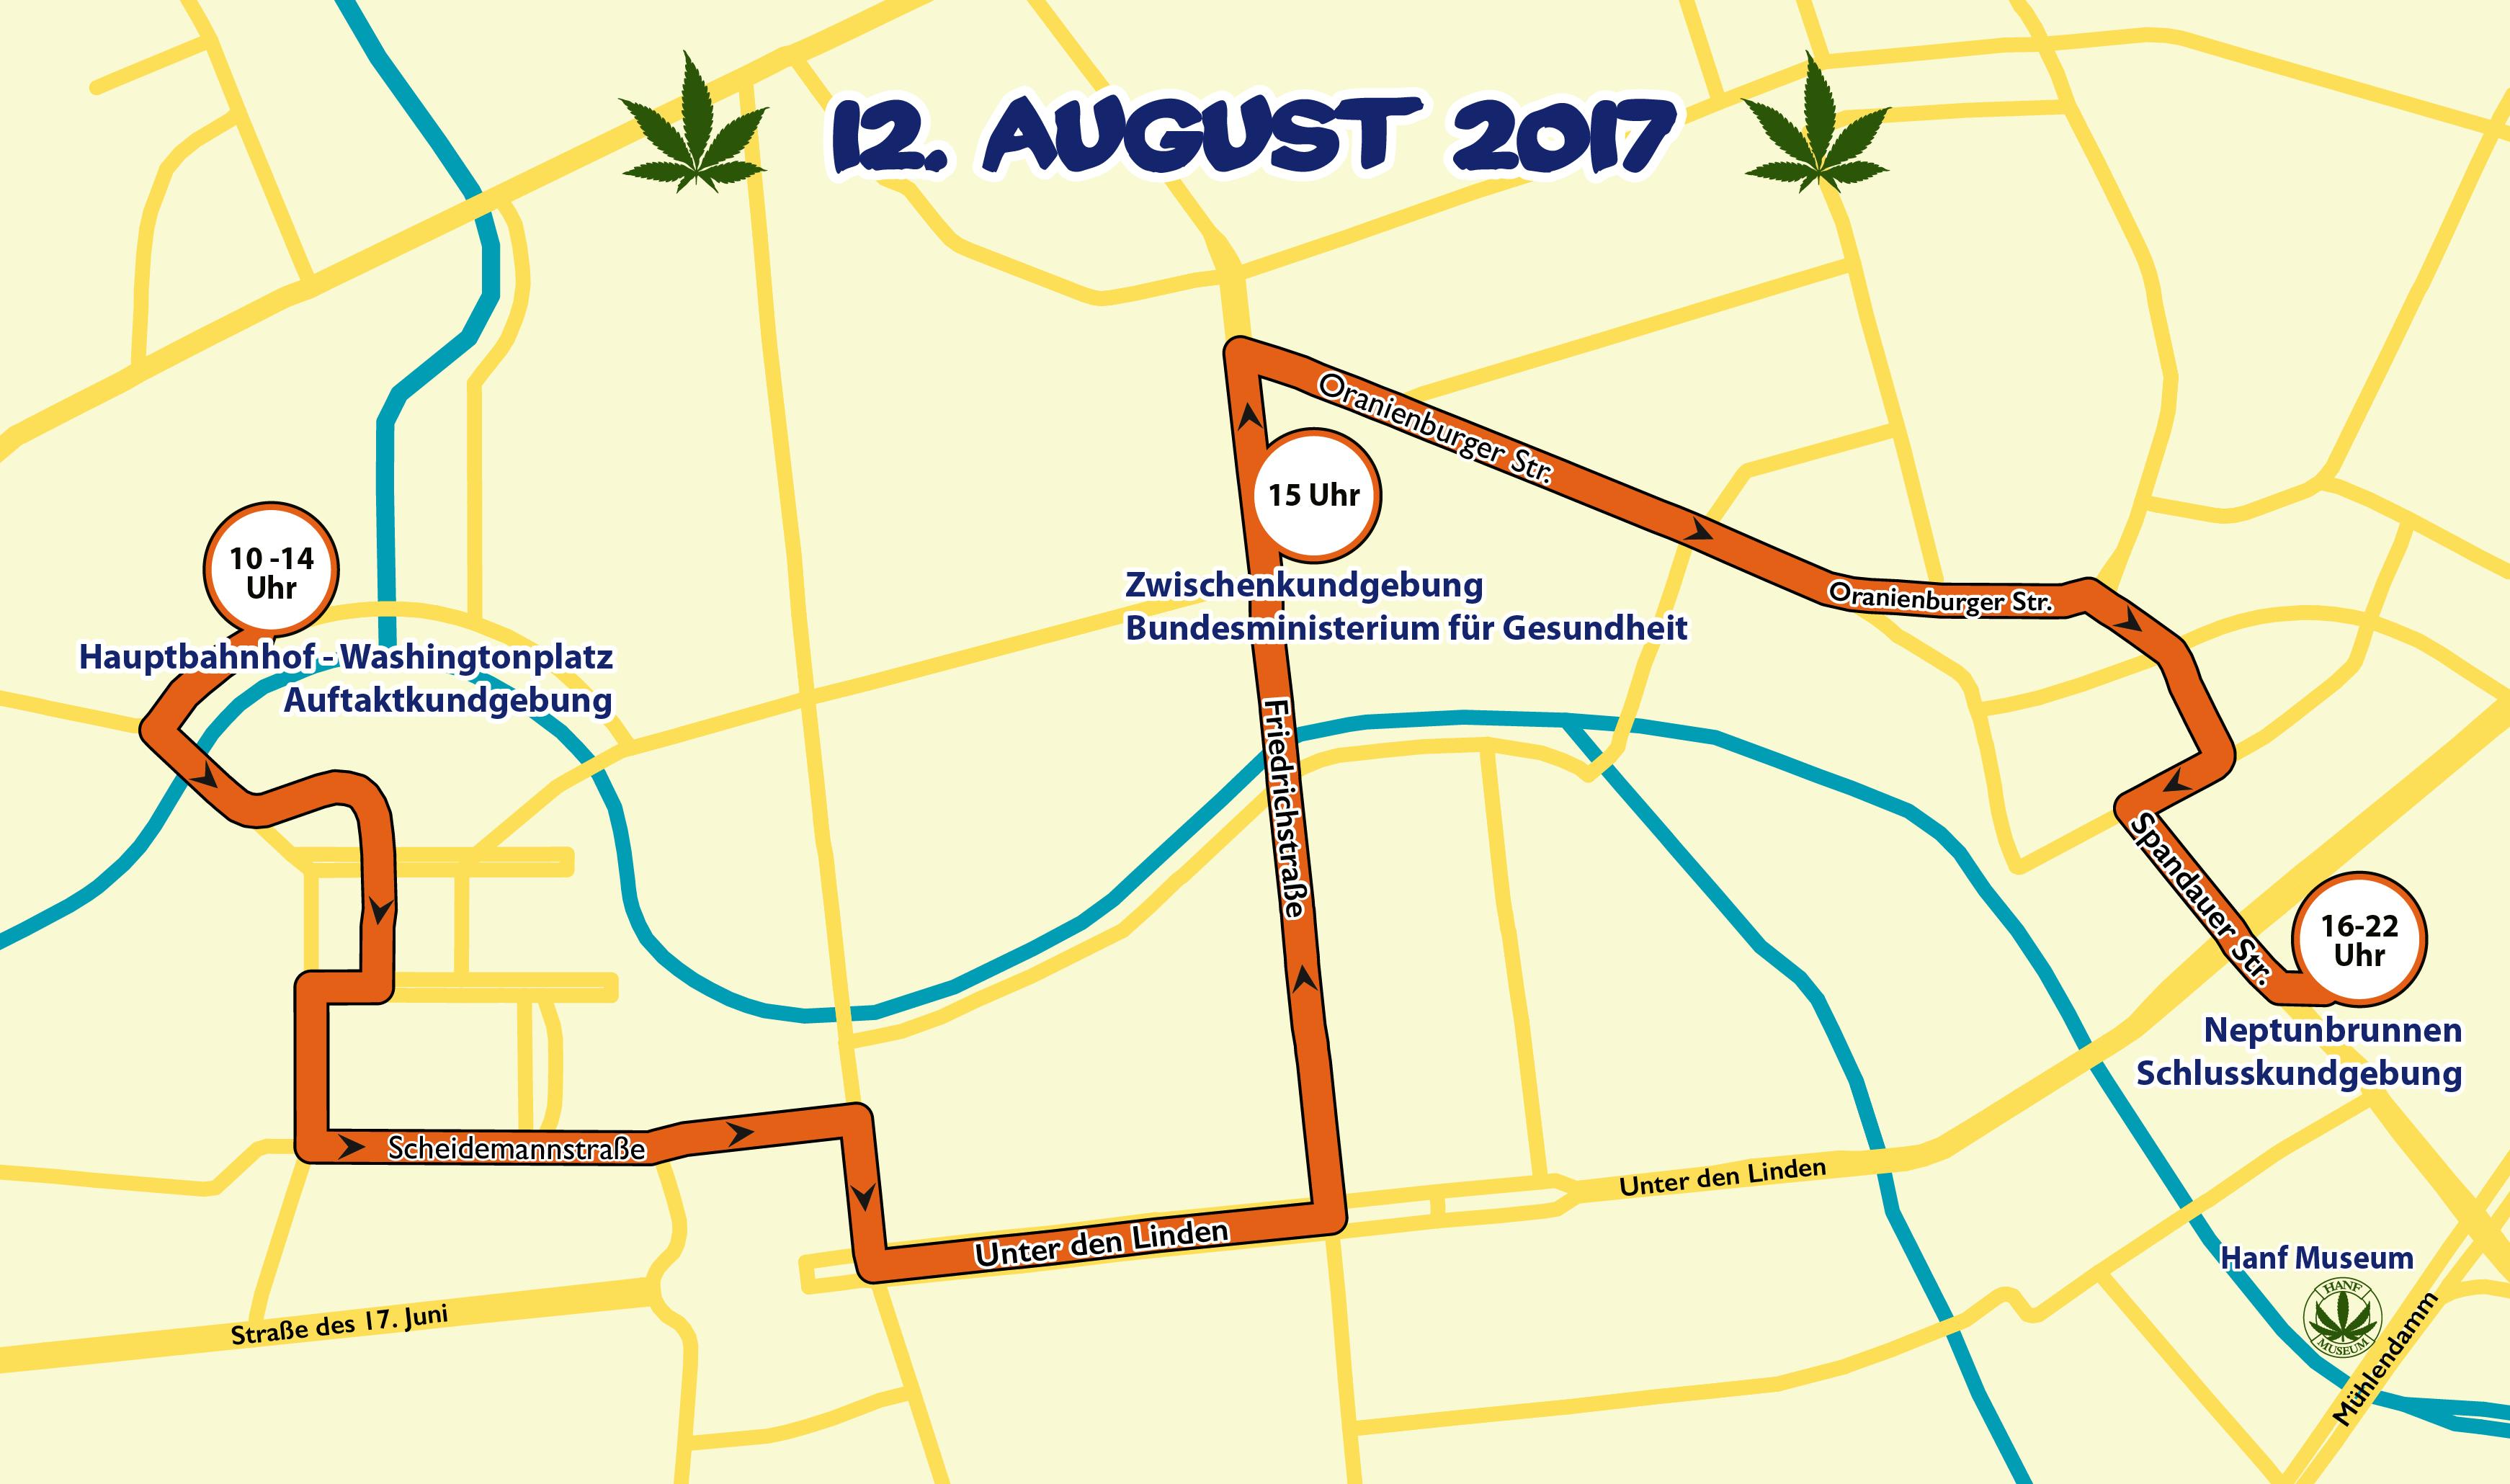 Abbildung 1 zeigt die Route der Hanfparade 2017. Grafik: Doro Tops, Lizenz: CC BY-SA 3.0 DE